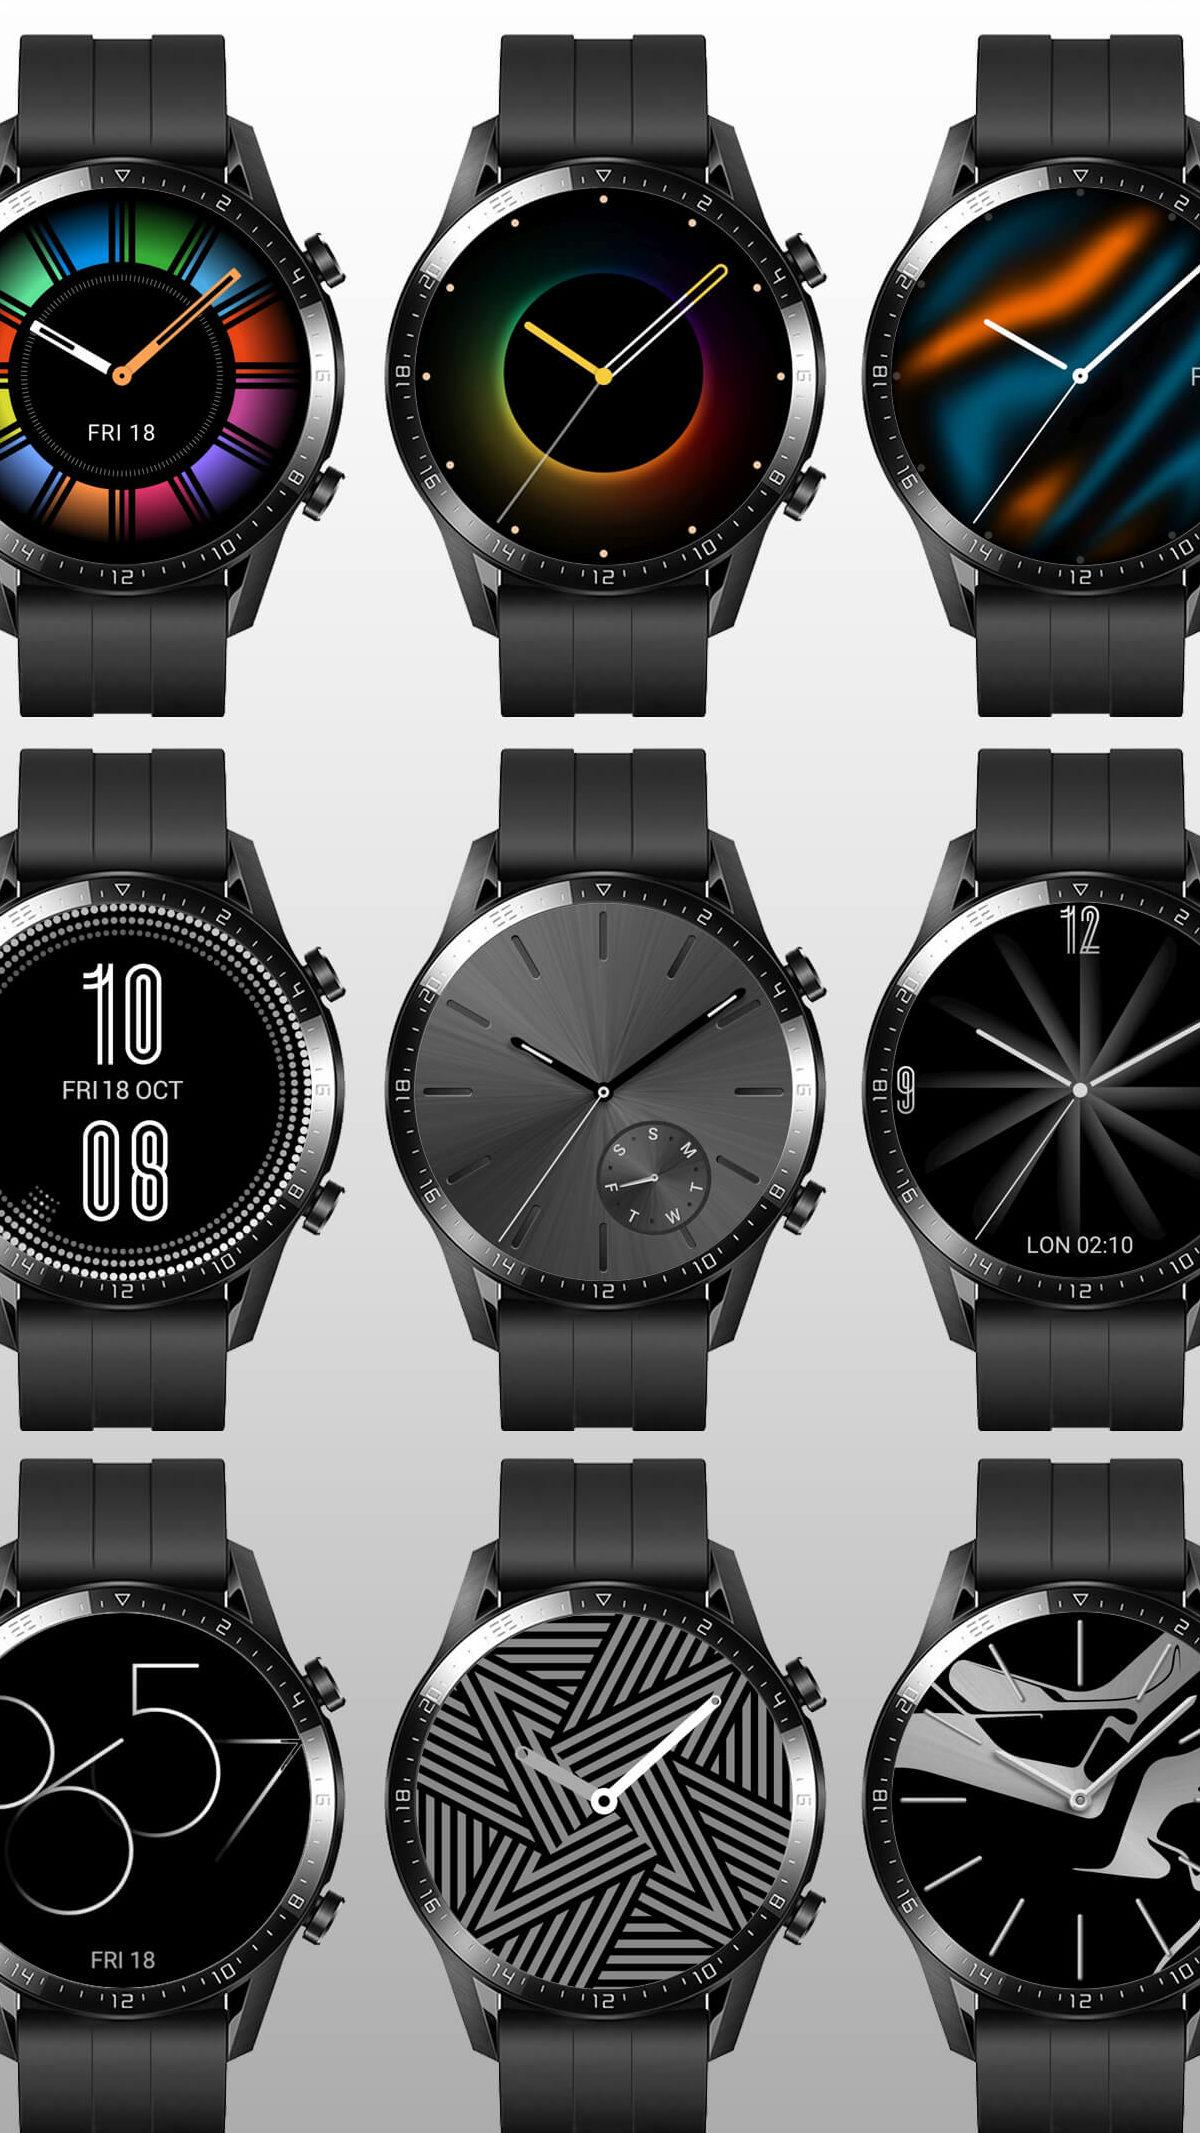 Así se verán las esferas del Huawei Watch GT 2 con HarmonyOS 4